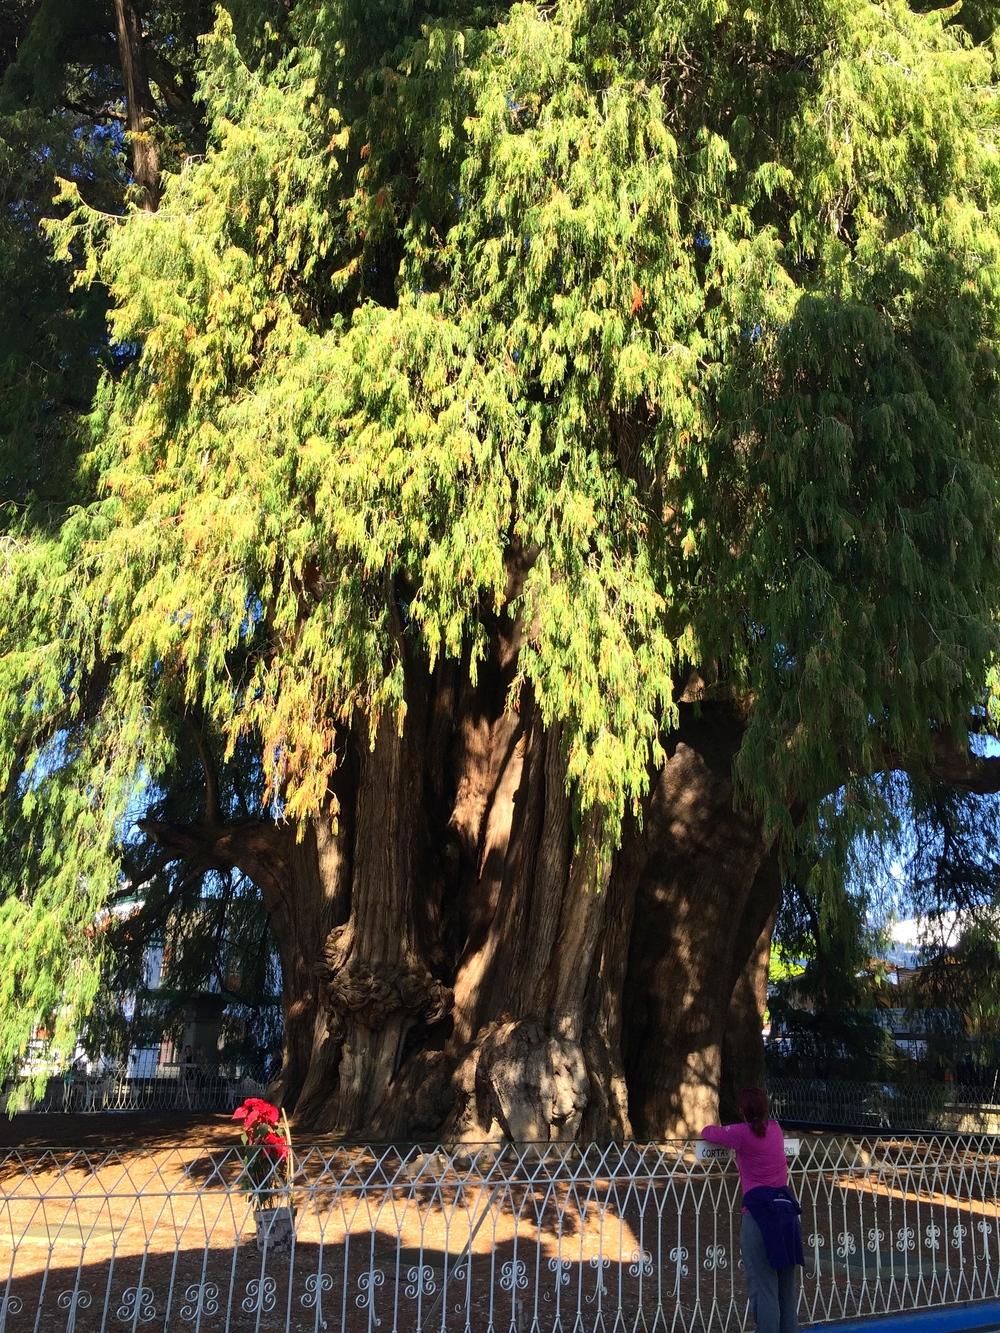 2000 year old Montezuma Cypress Tree